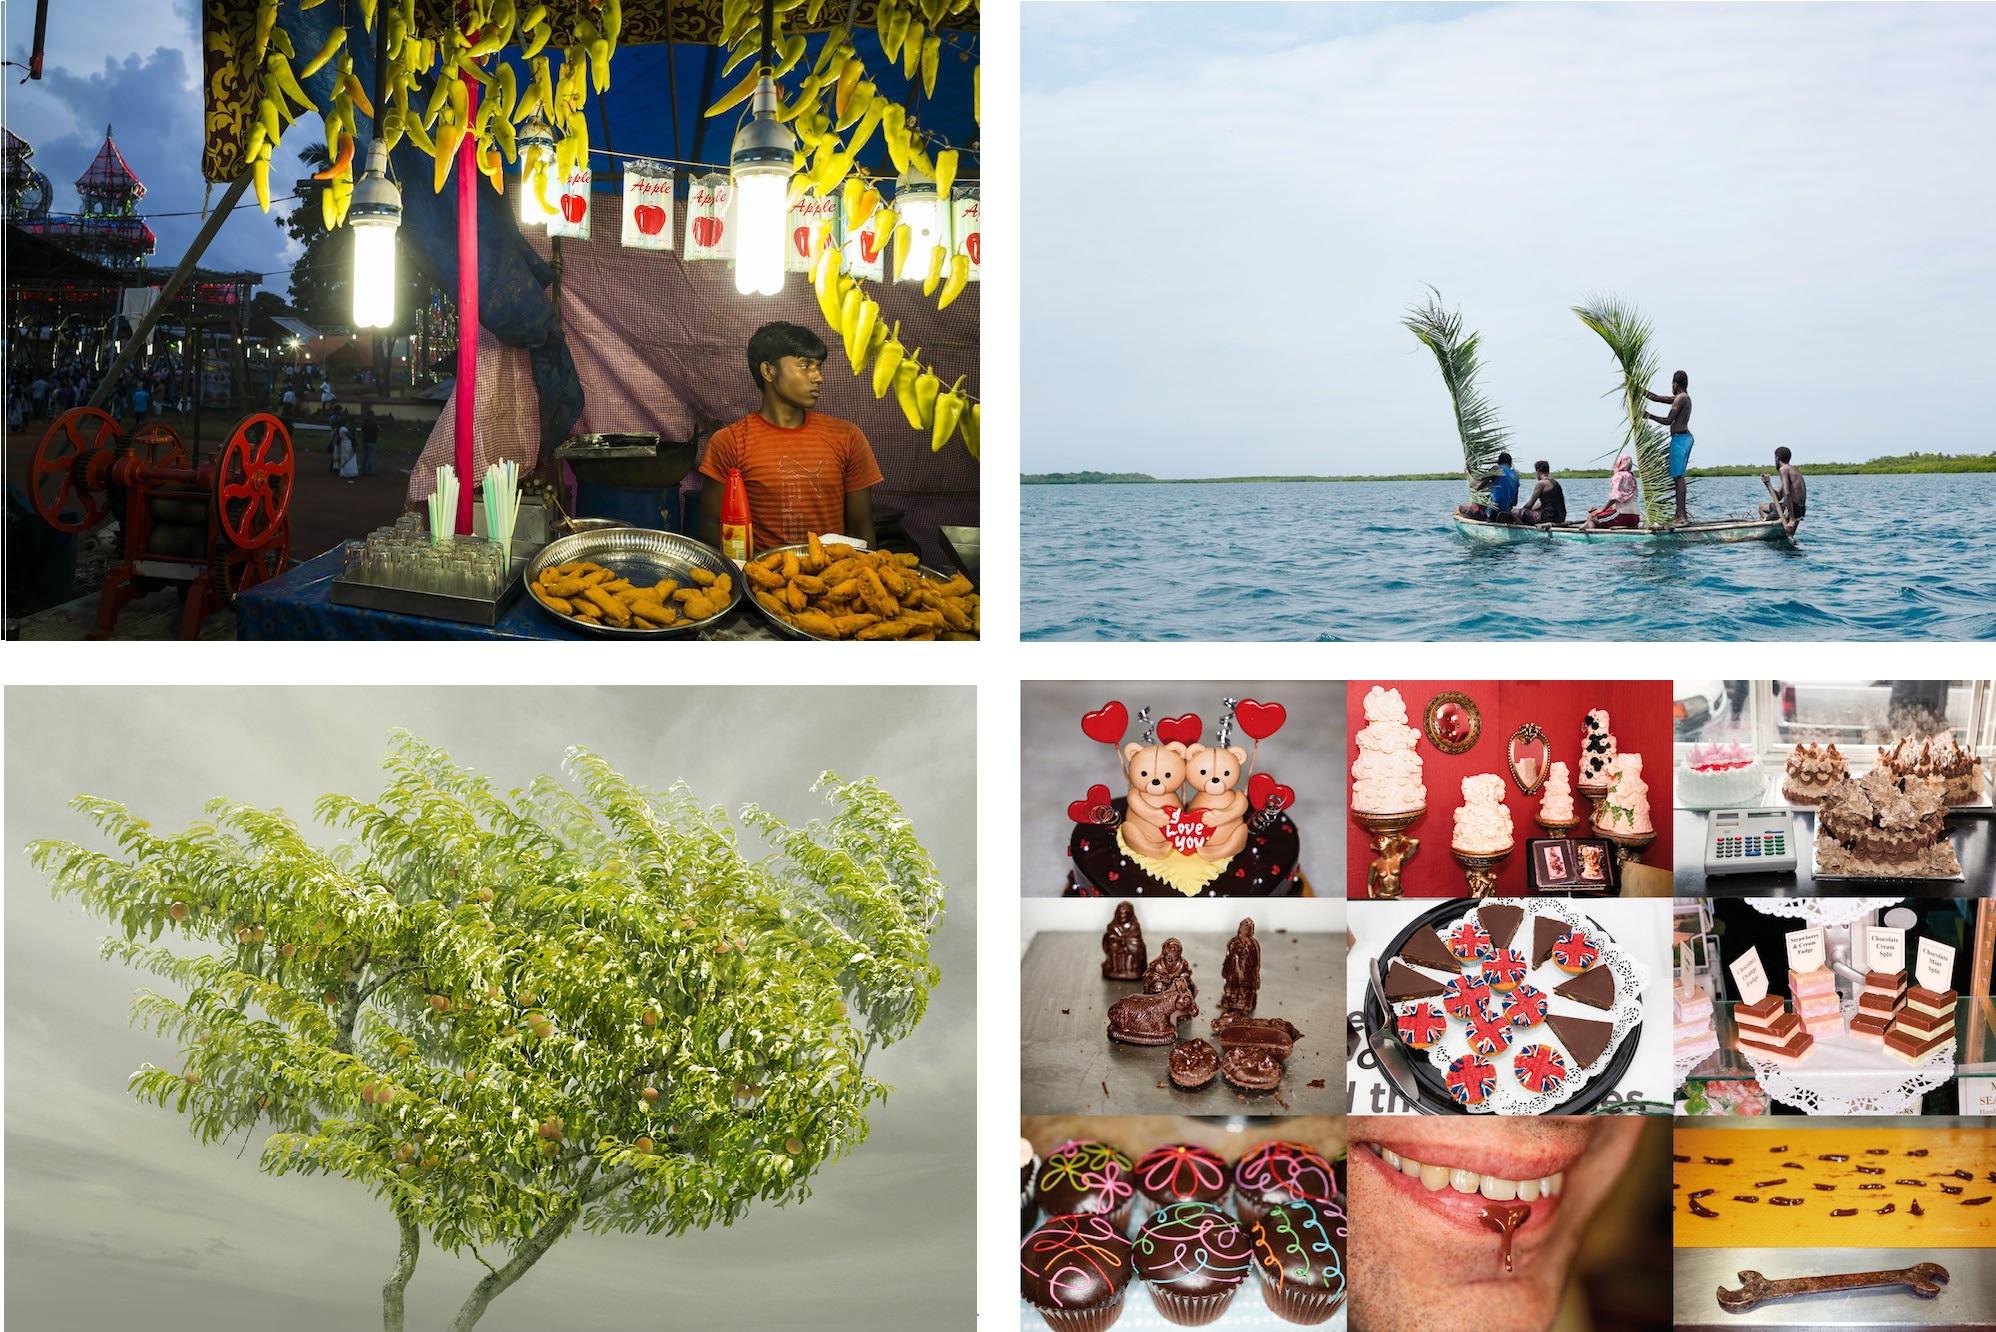 9 Fotografi per la Terra - La fotografia racconta l'Expo